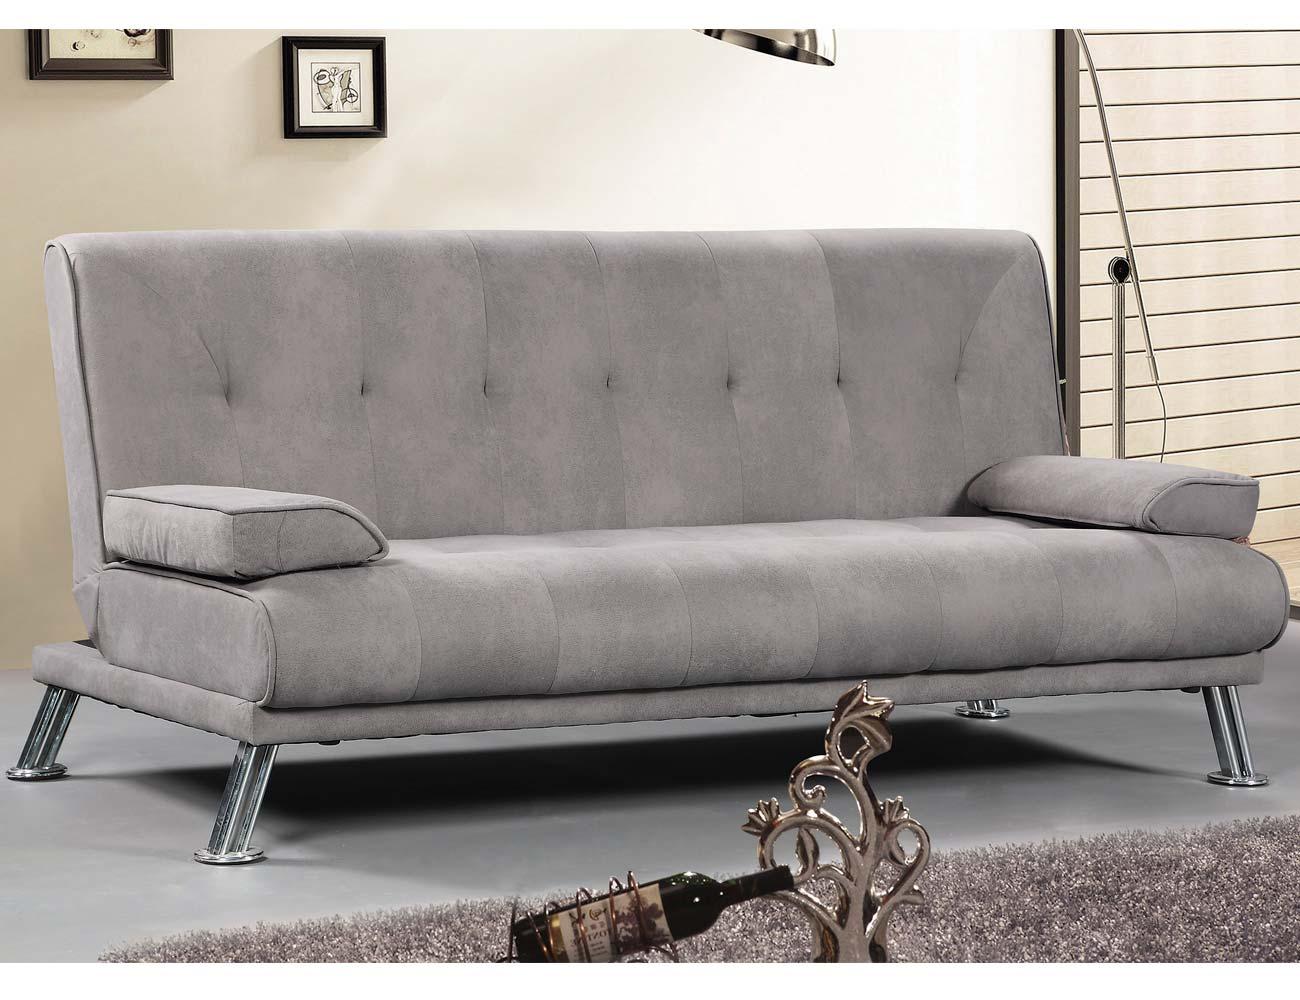 Sofa clic clac tapizado gris marengo patas cromadas